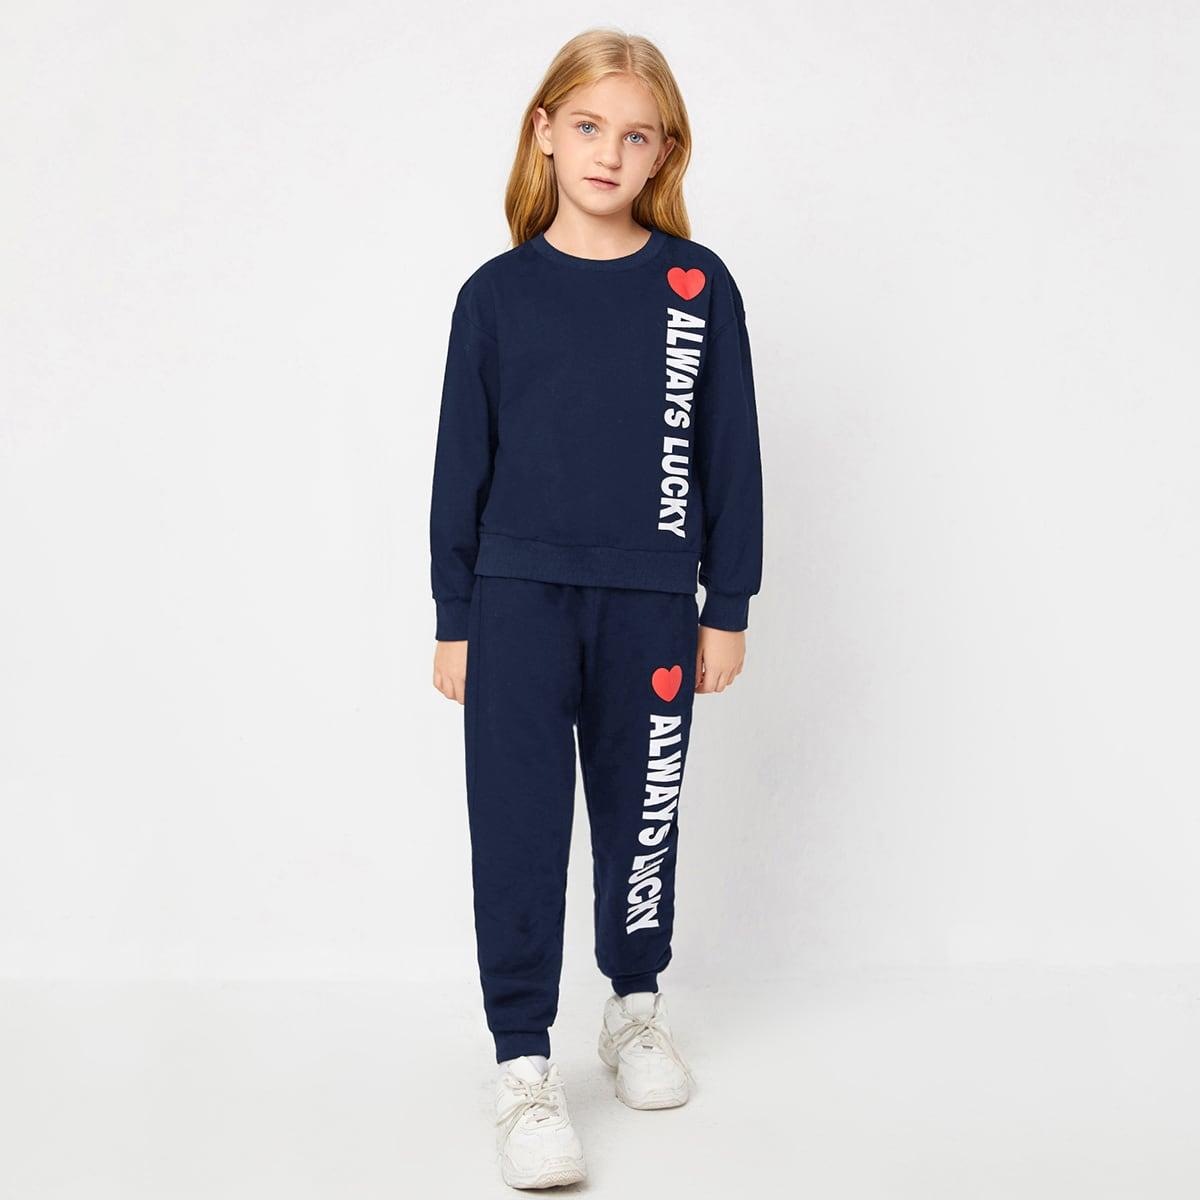 Пуловеи и джоггеры с текстовым принтом для девочек